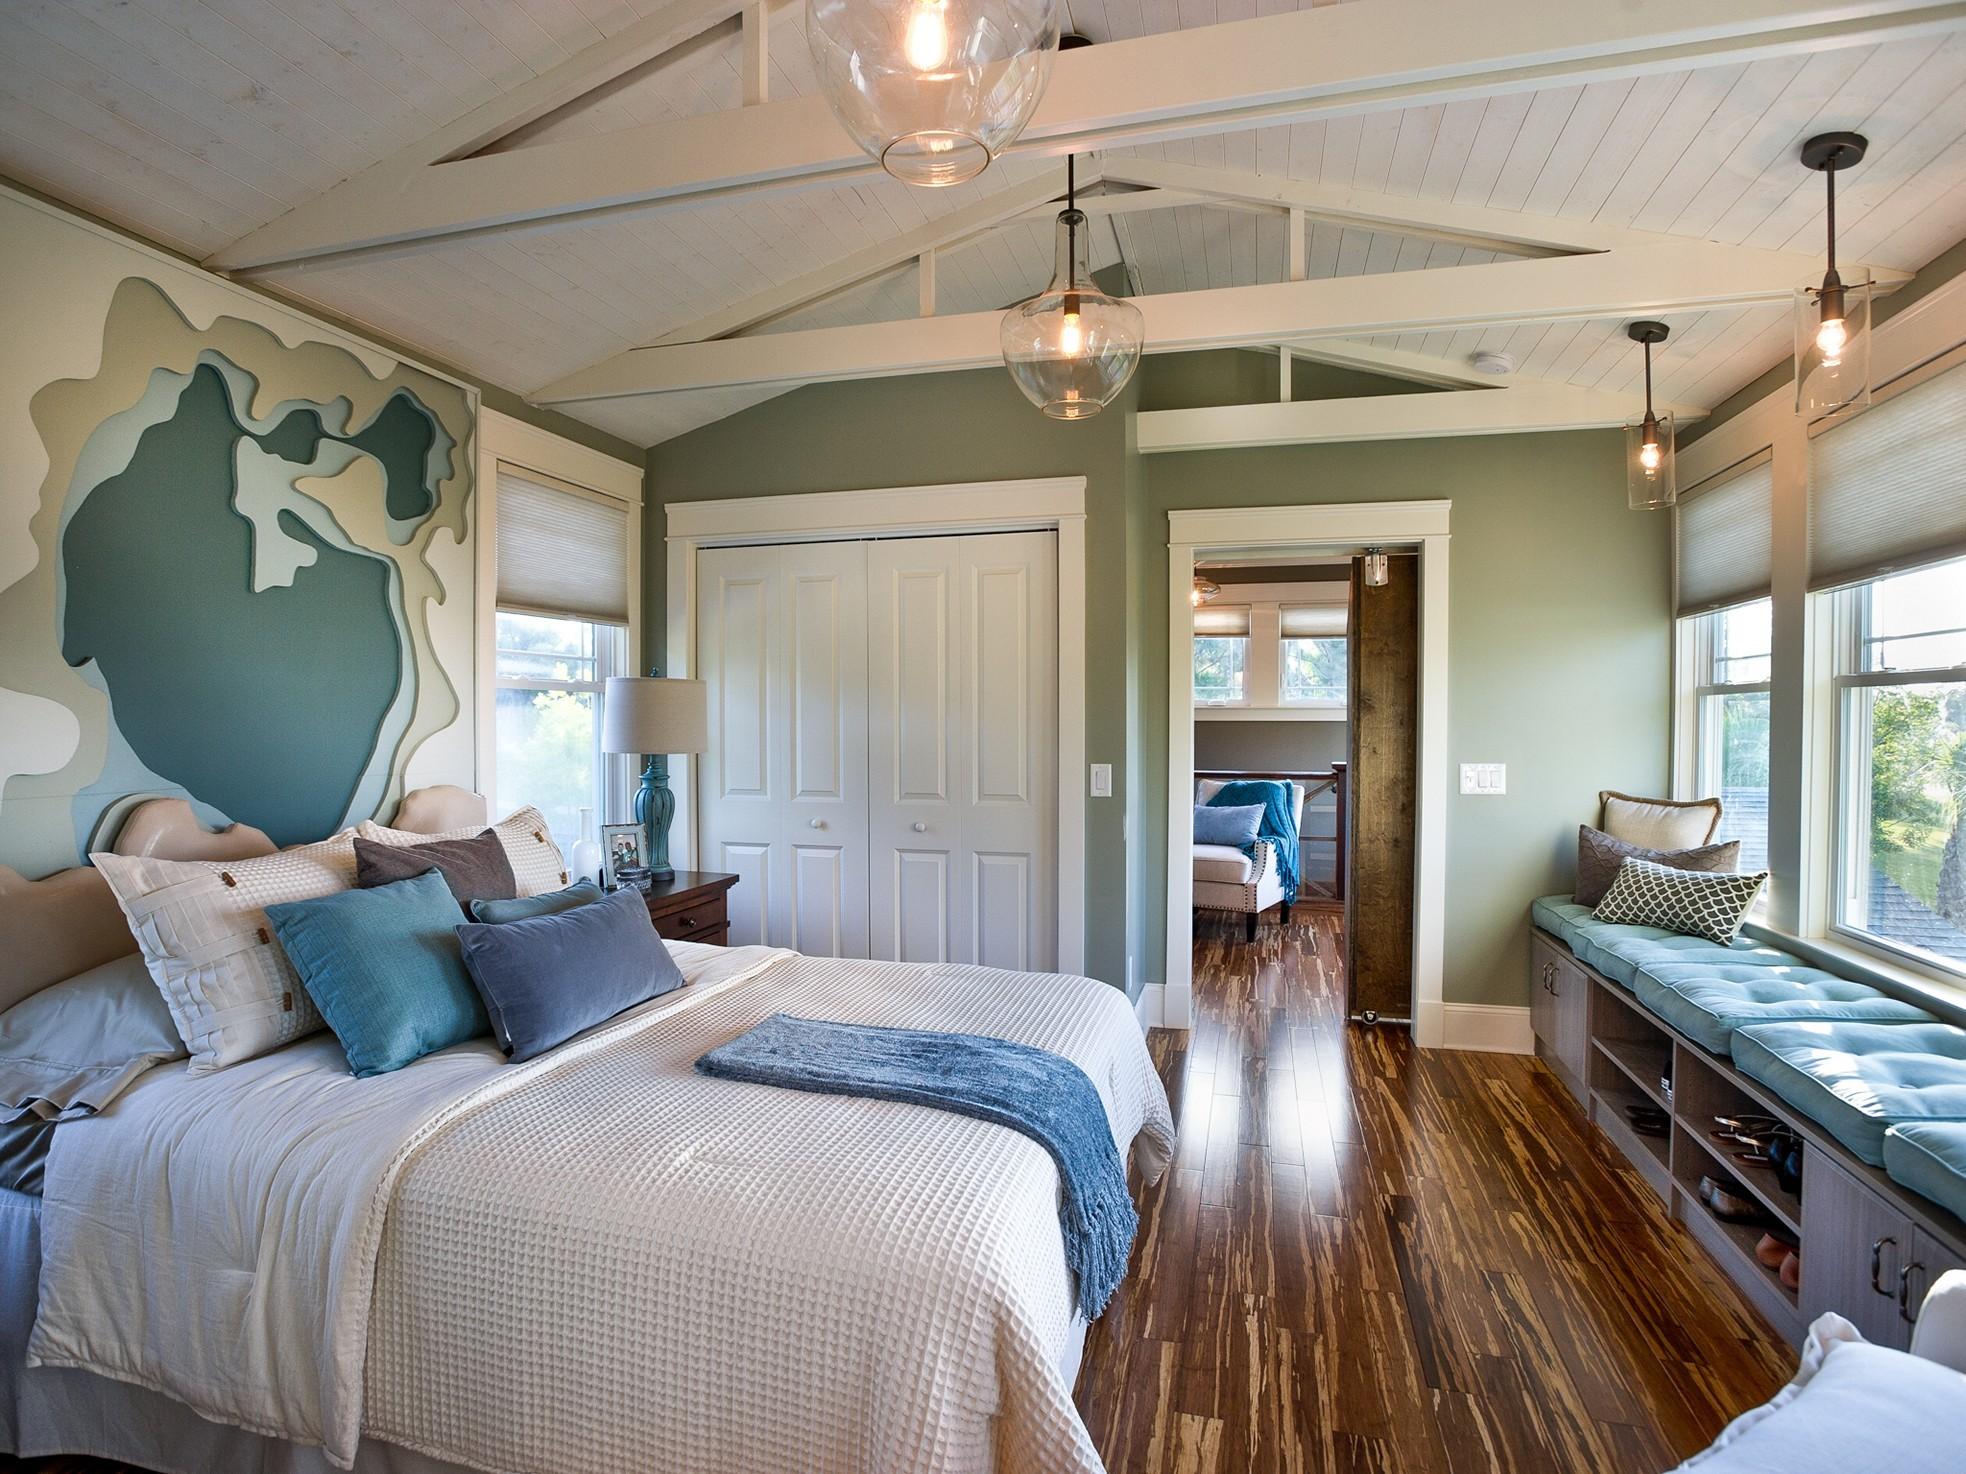 Bedroom Diy Room Design Novocom Top